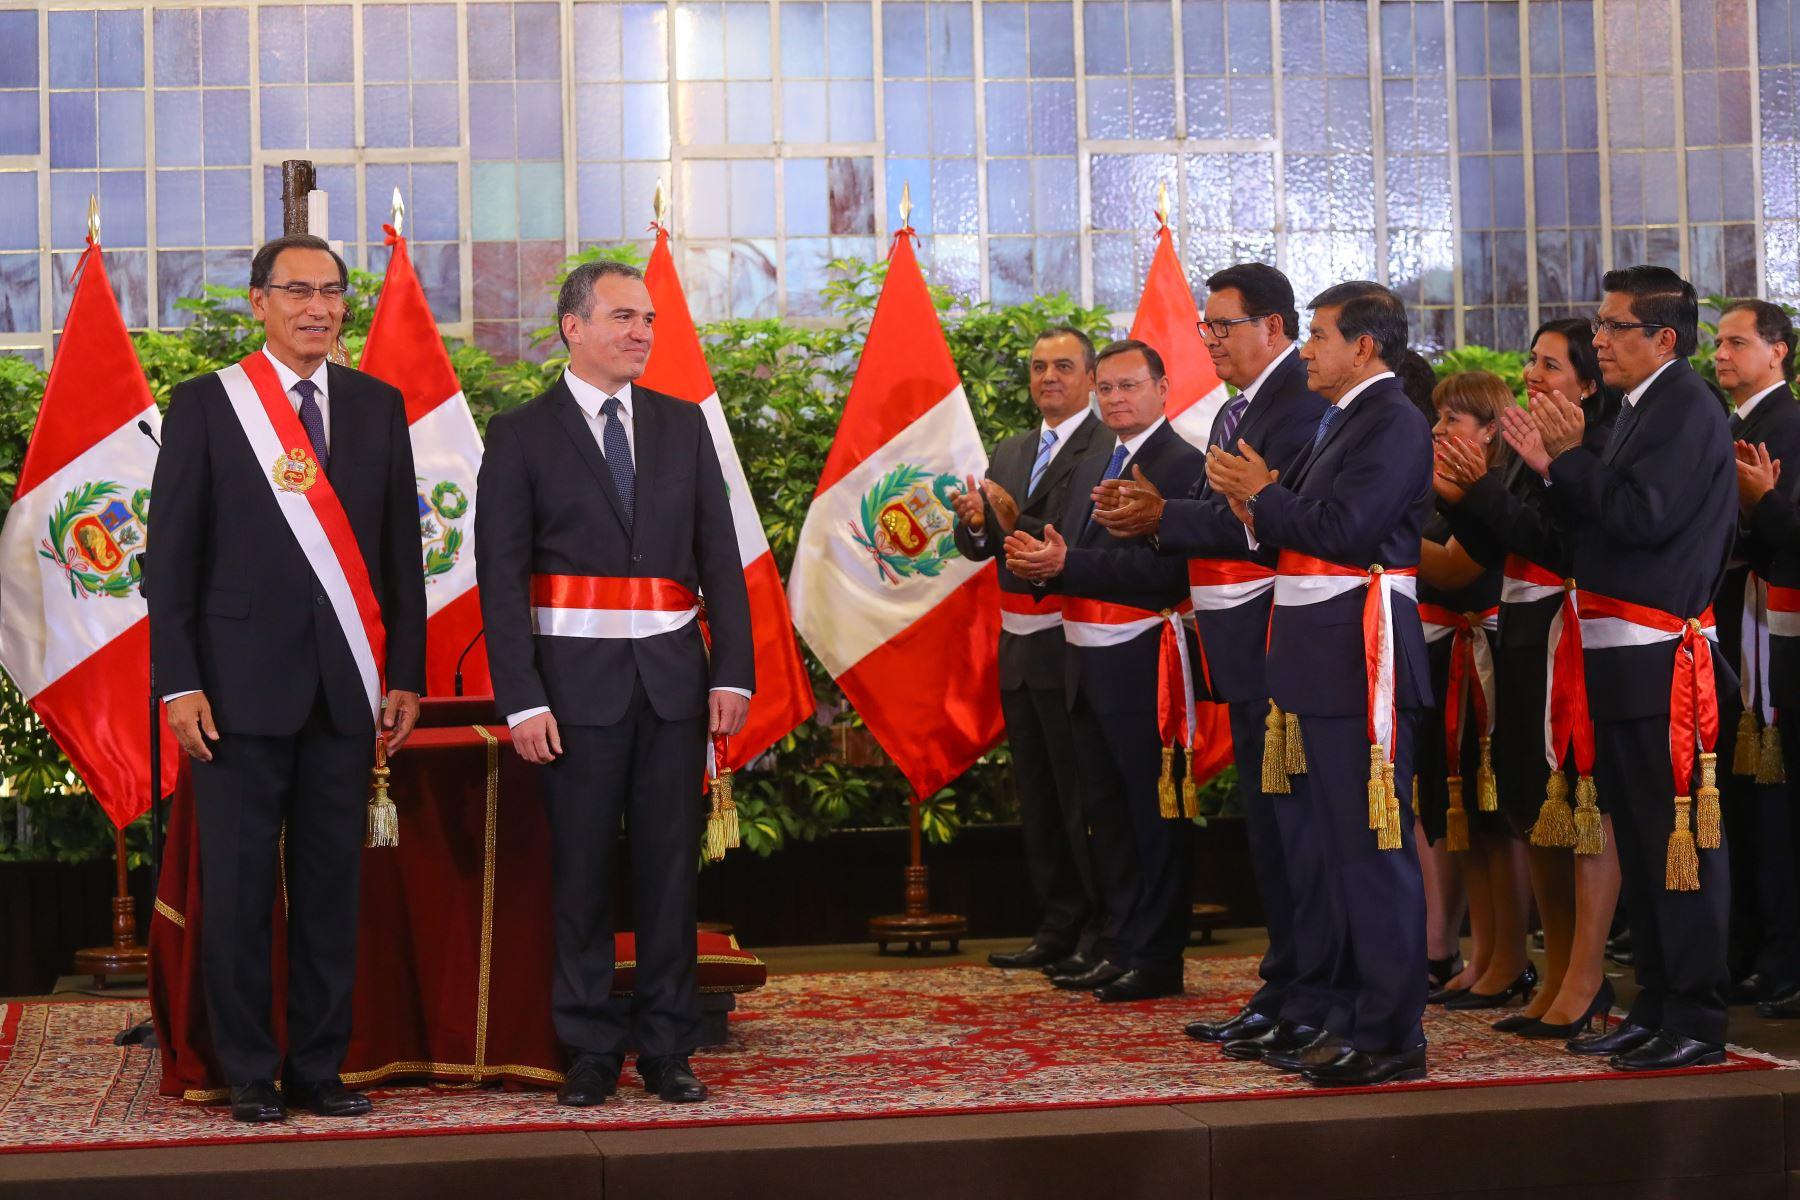 Salvador del Solar juramenta como nuevo presidente del Consejo de Ministros. Foto: ANDINA/Prensa Presidencia